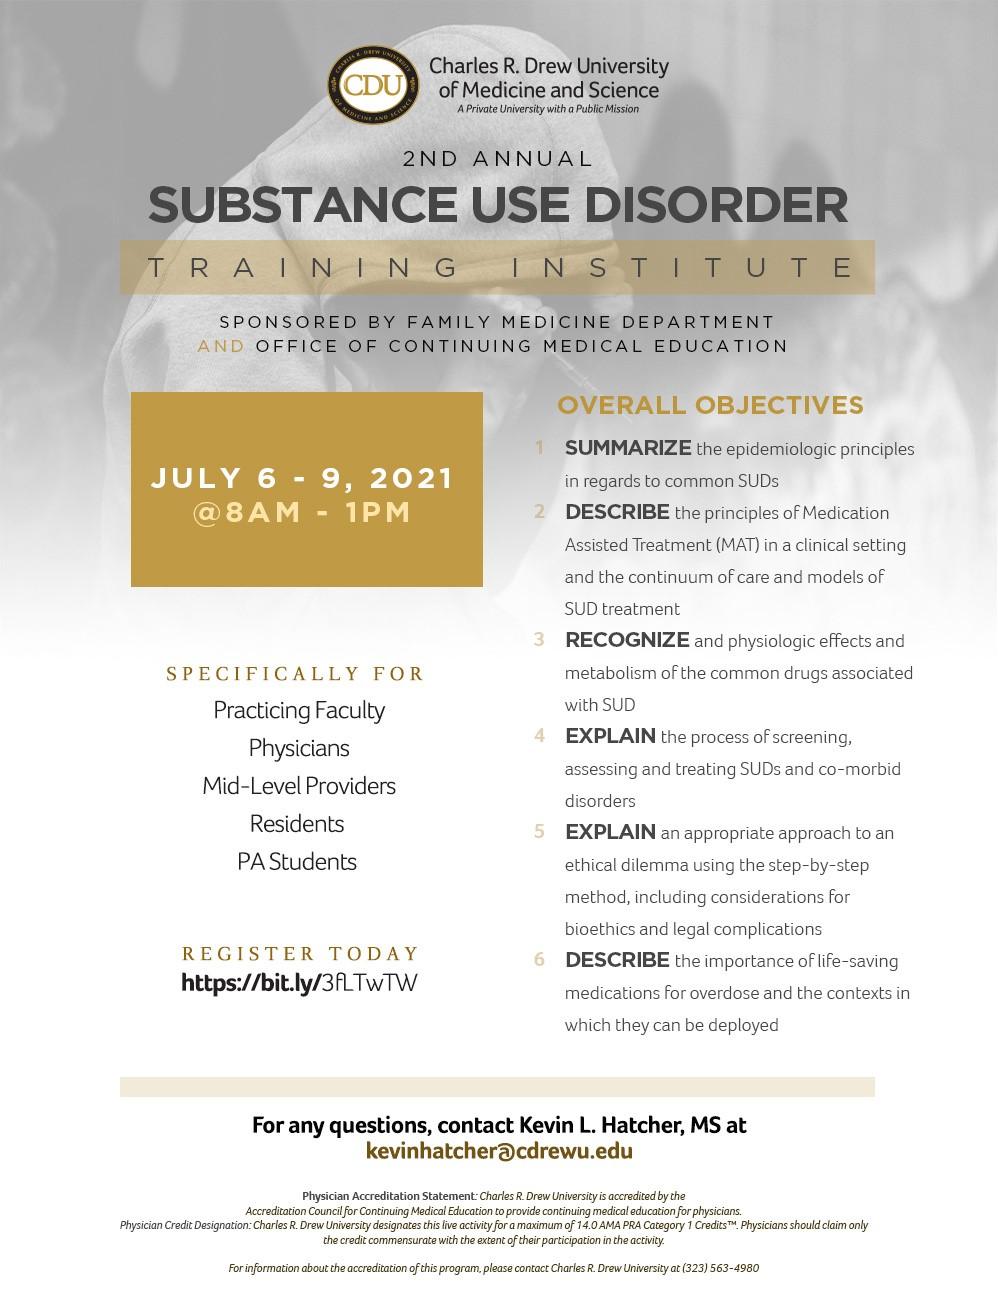 Viện đào tạo về rối loạn sử dụng chất gây nghiện hàng năm lần thứ 2